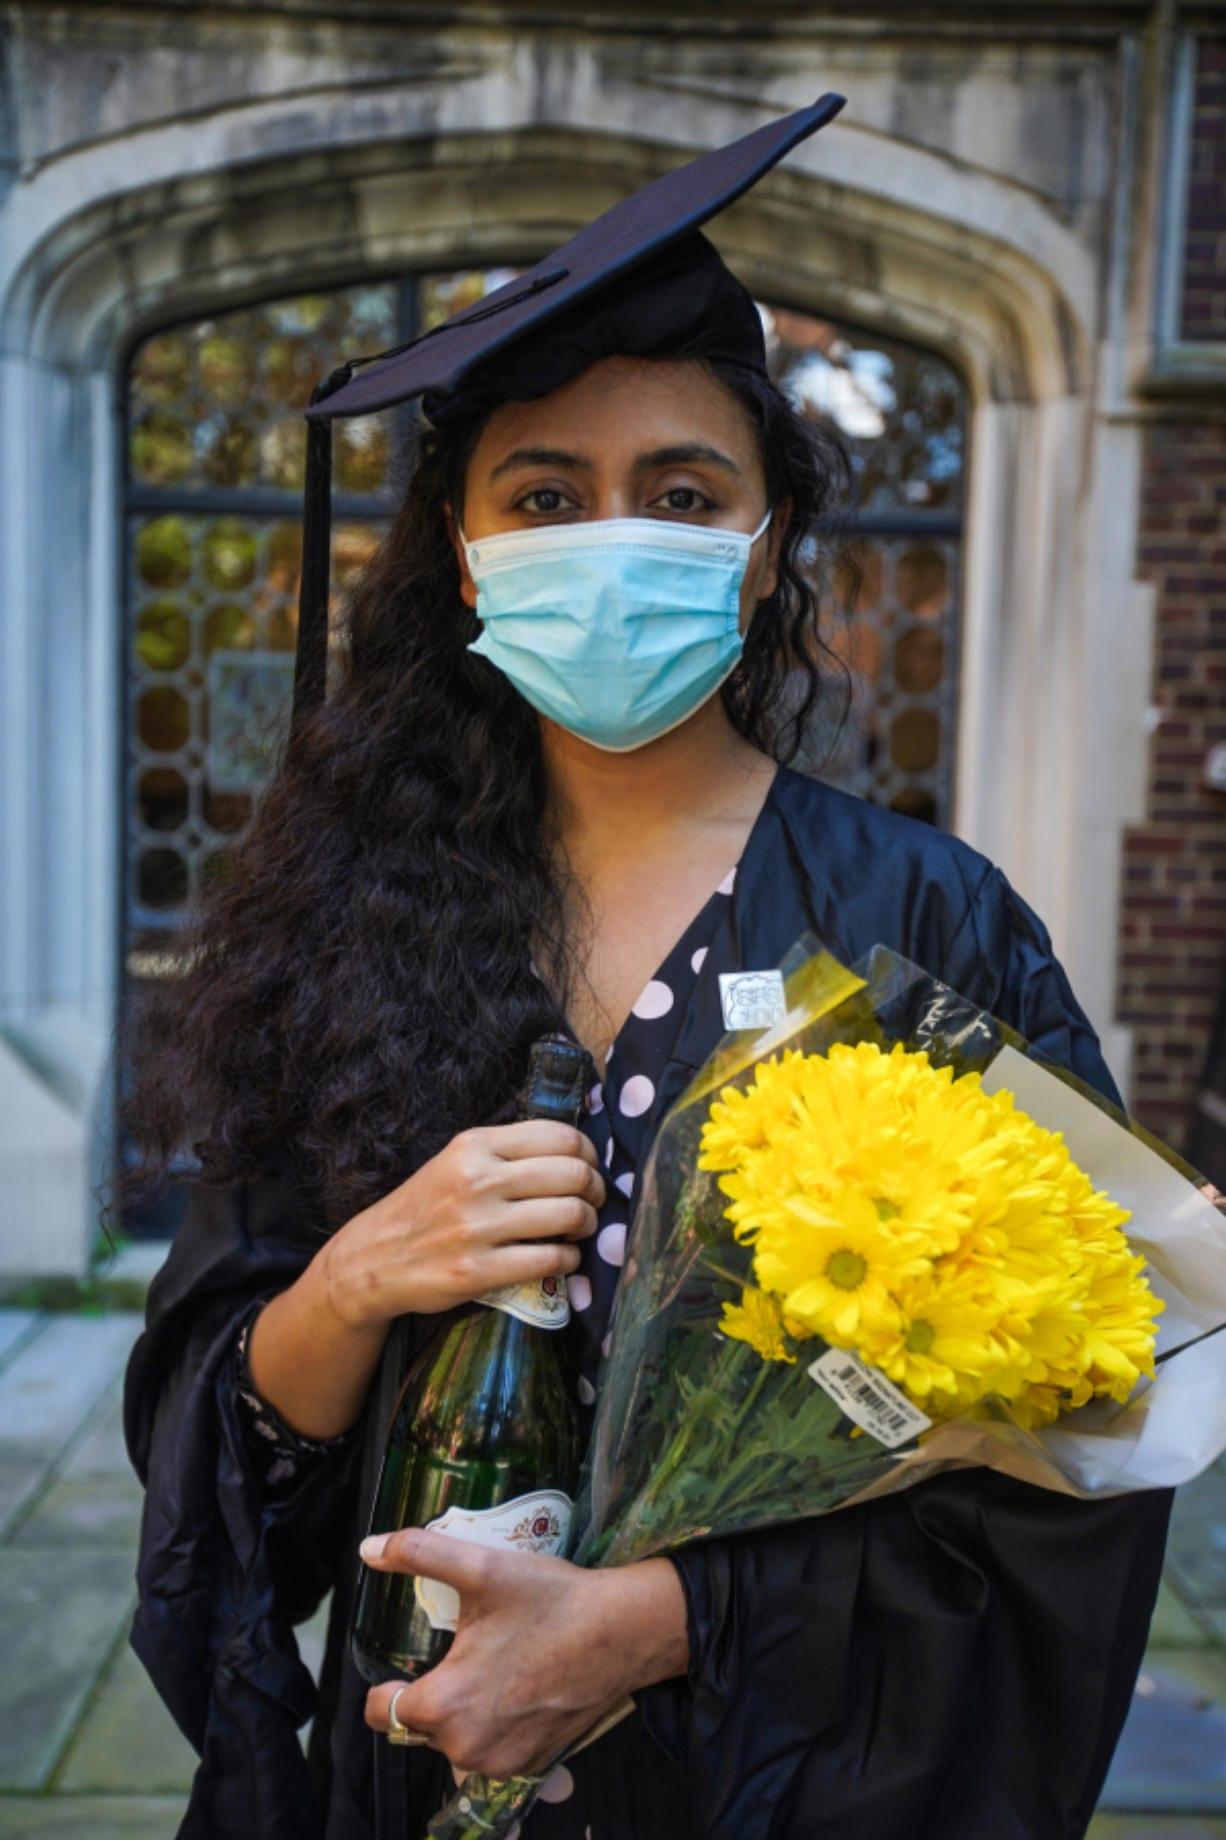 La pakistanI Varsha Thebo, de 27 aOos, posa en el campus de la International Student House donde reside, el dIa de su graduaciJPYn de la Universidad de Georgetown en Washington DC, el 15 de mayo de 2020. Varsha estudiJPY Desarrollo Humano Global, su ceremonia de graduaciJPYn fue cancelada debido a la pandemia de coronavirus, por lo que est. celebrando en lInea en su lugar.